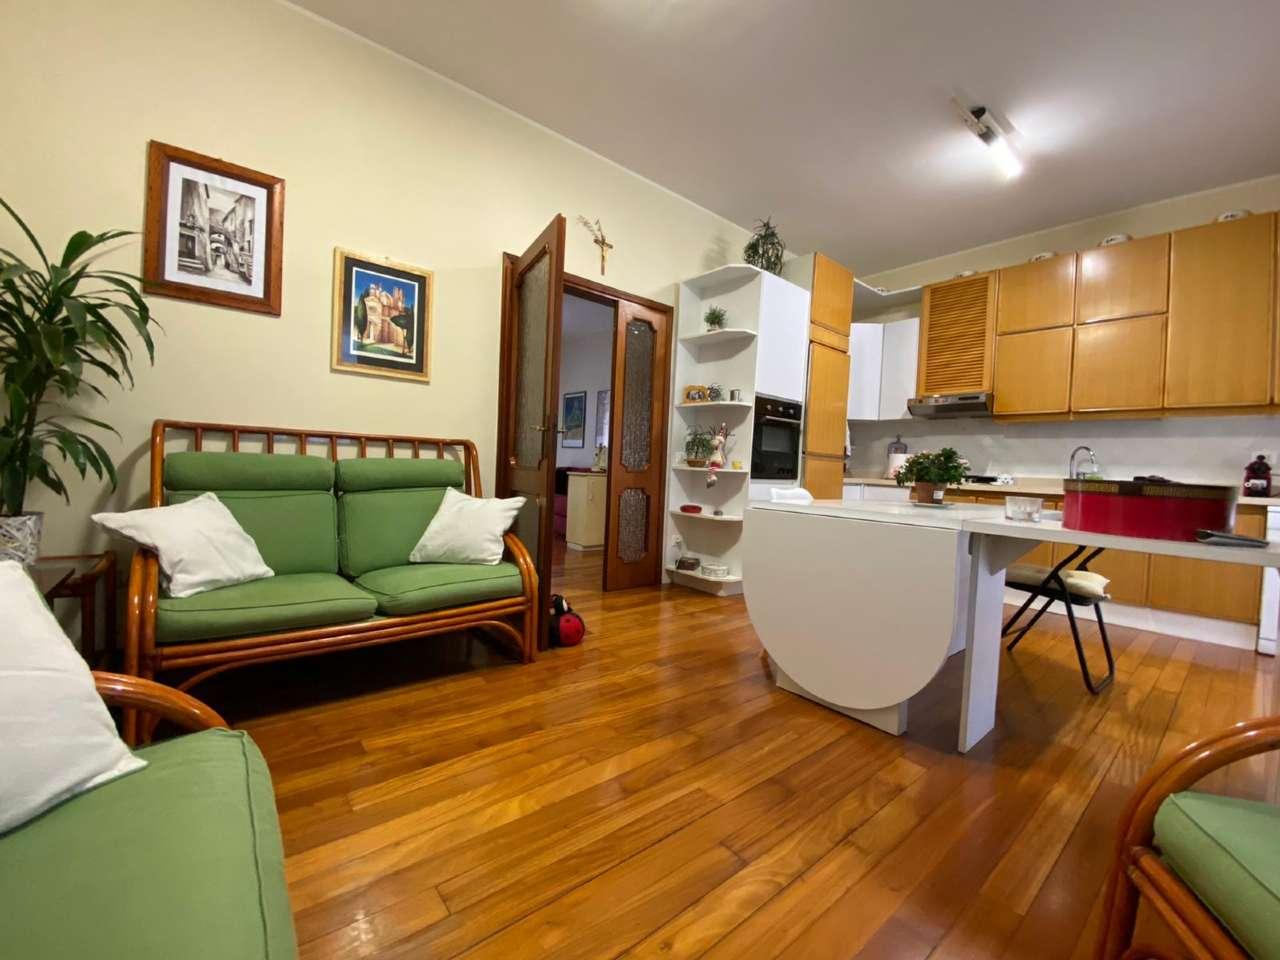 Appartamento in vendita a Sasso Marconi, 5 locali, prezzo € 330.000 | PortaleAgenzieImmobiliari.it